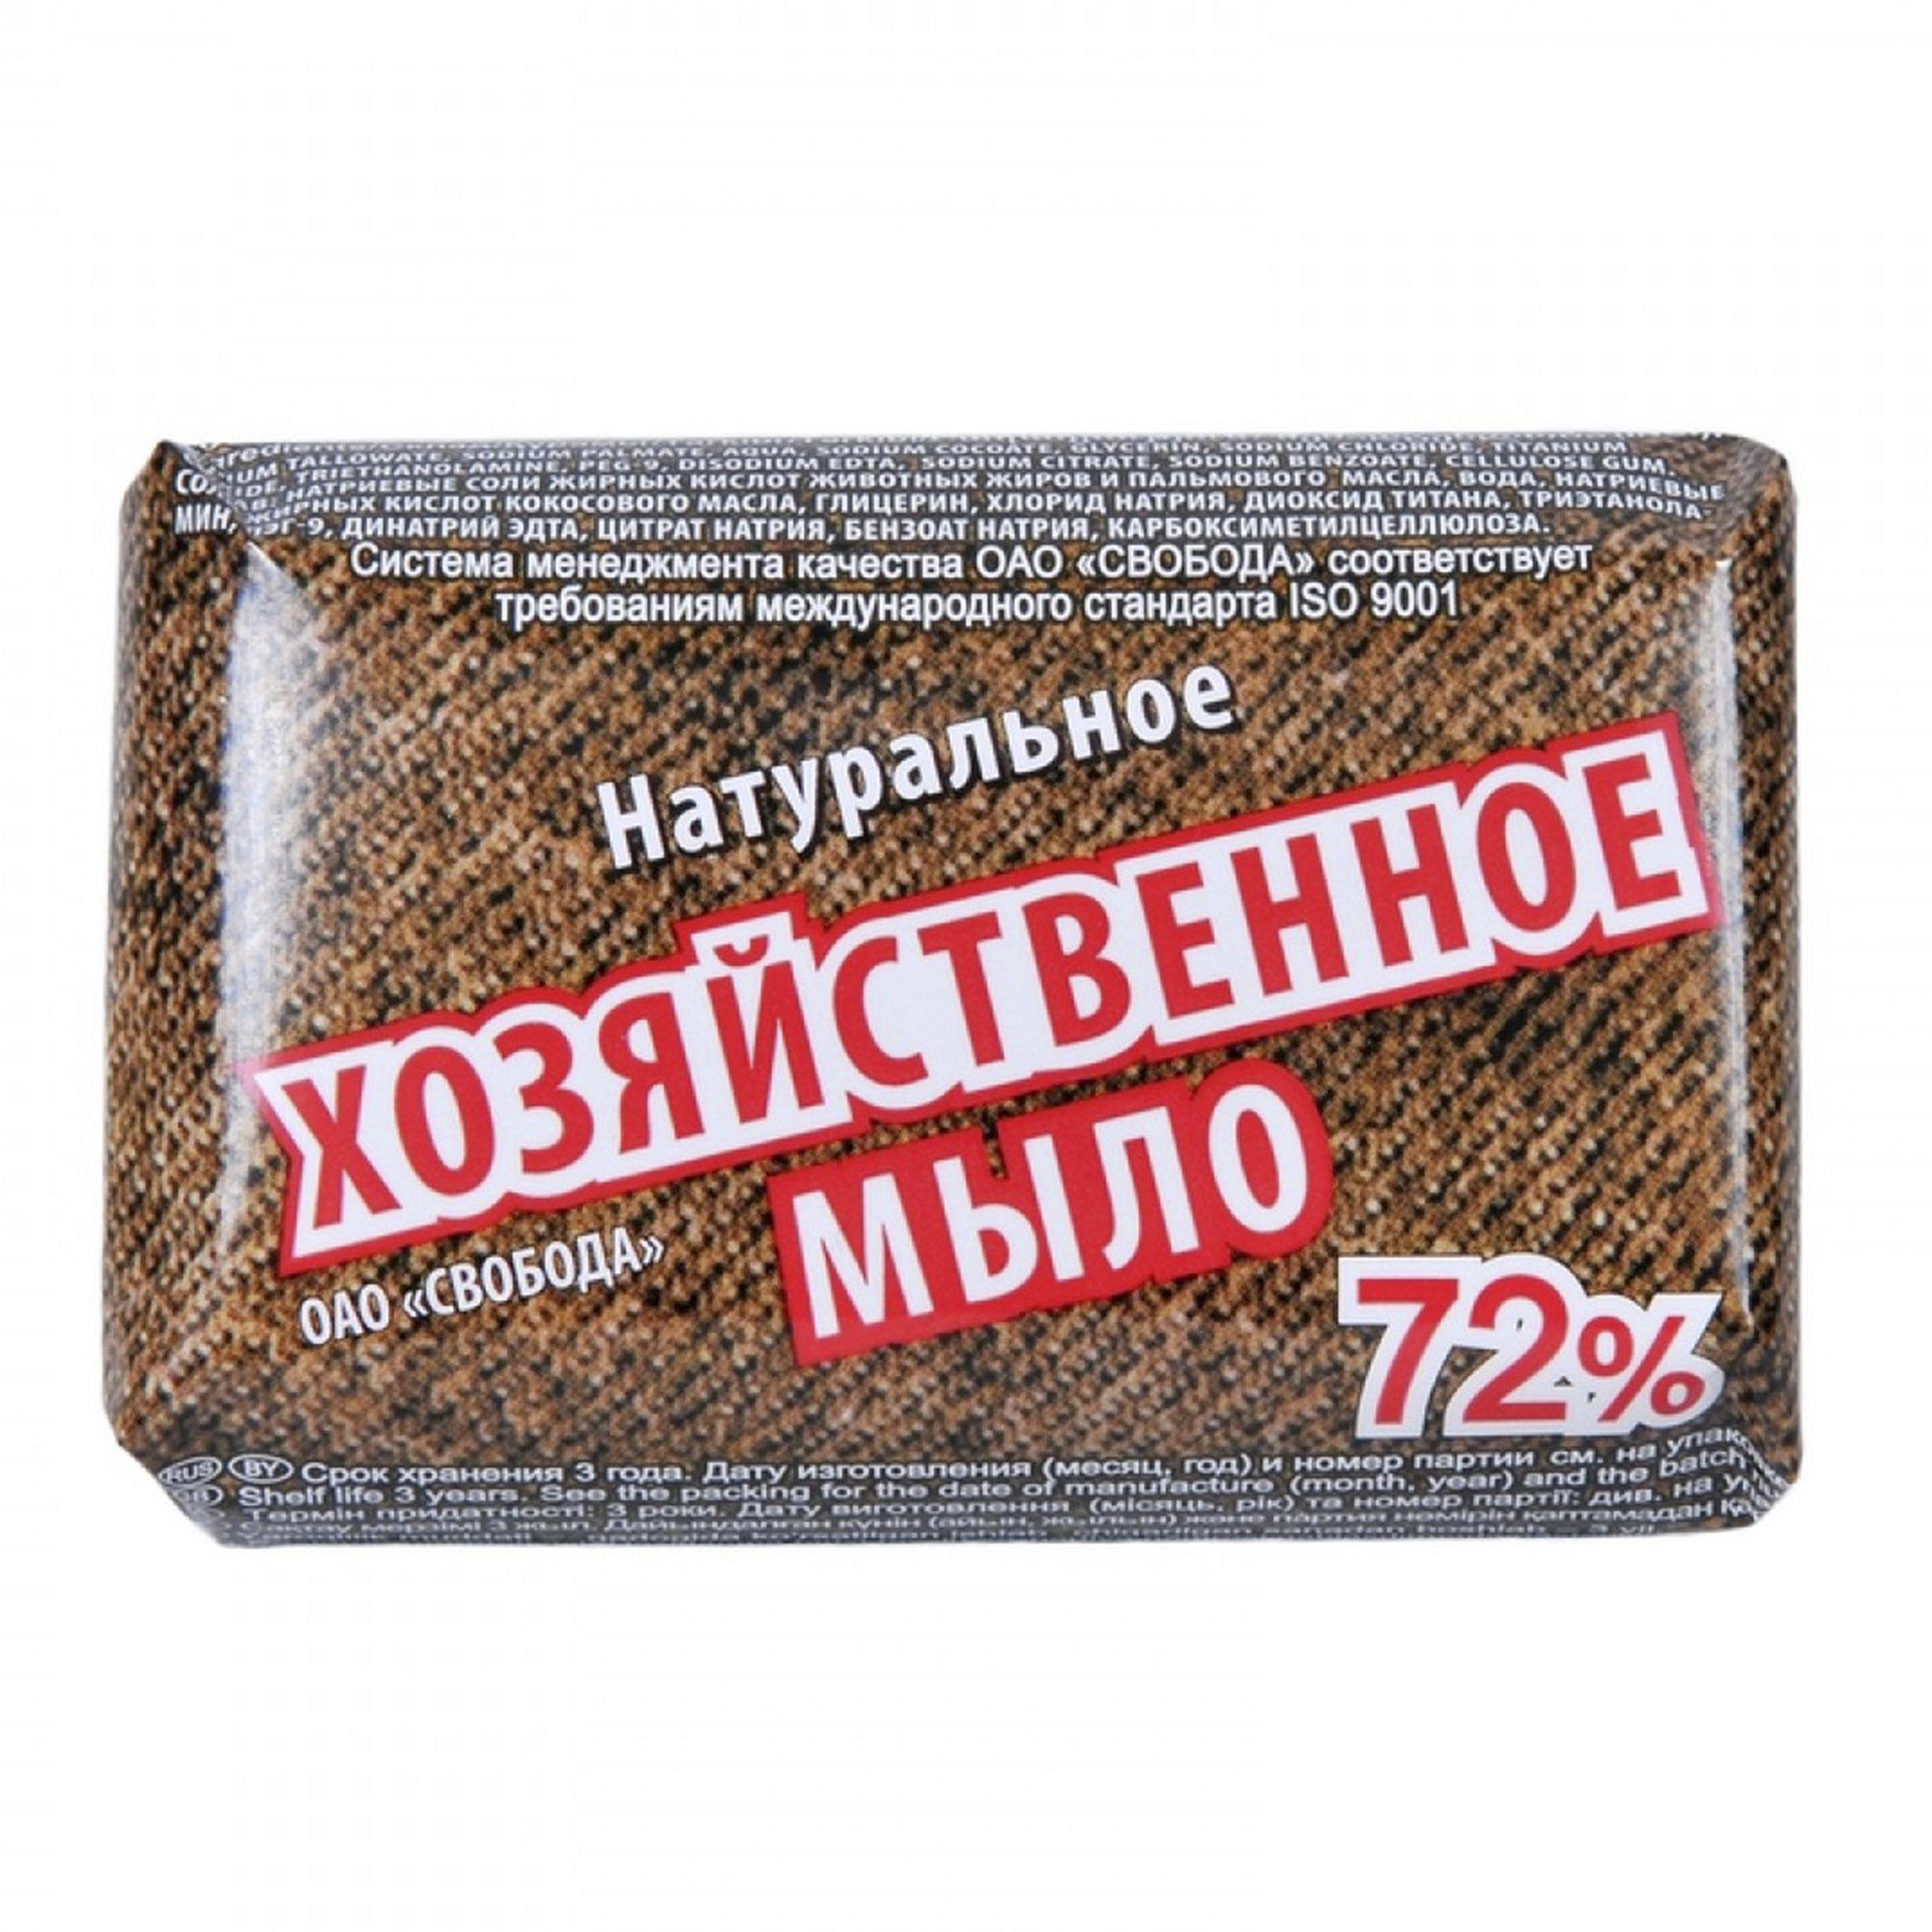 Мыло Хозяйственное 72% высококачественное 150 г